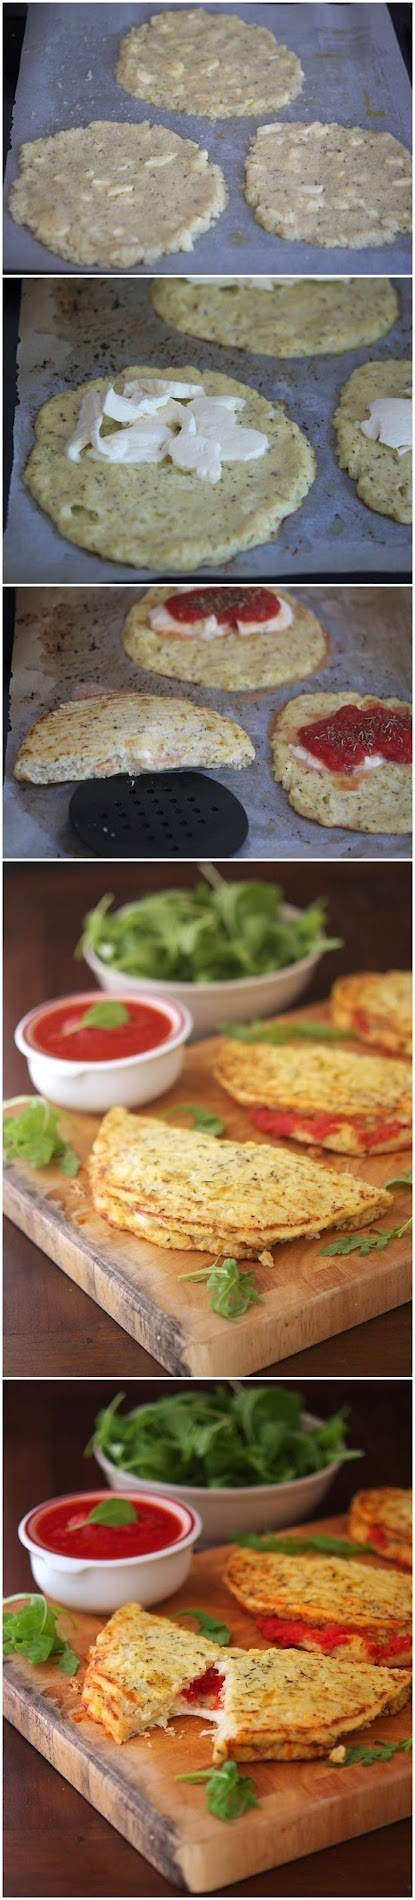 How To Make Cauliflower Crust Calzone